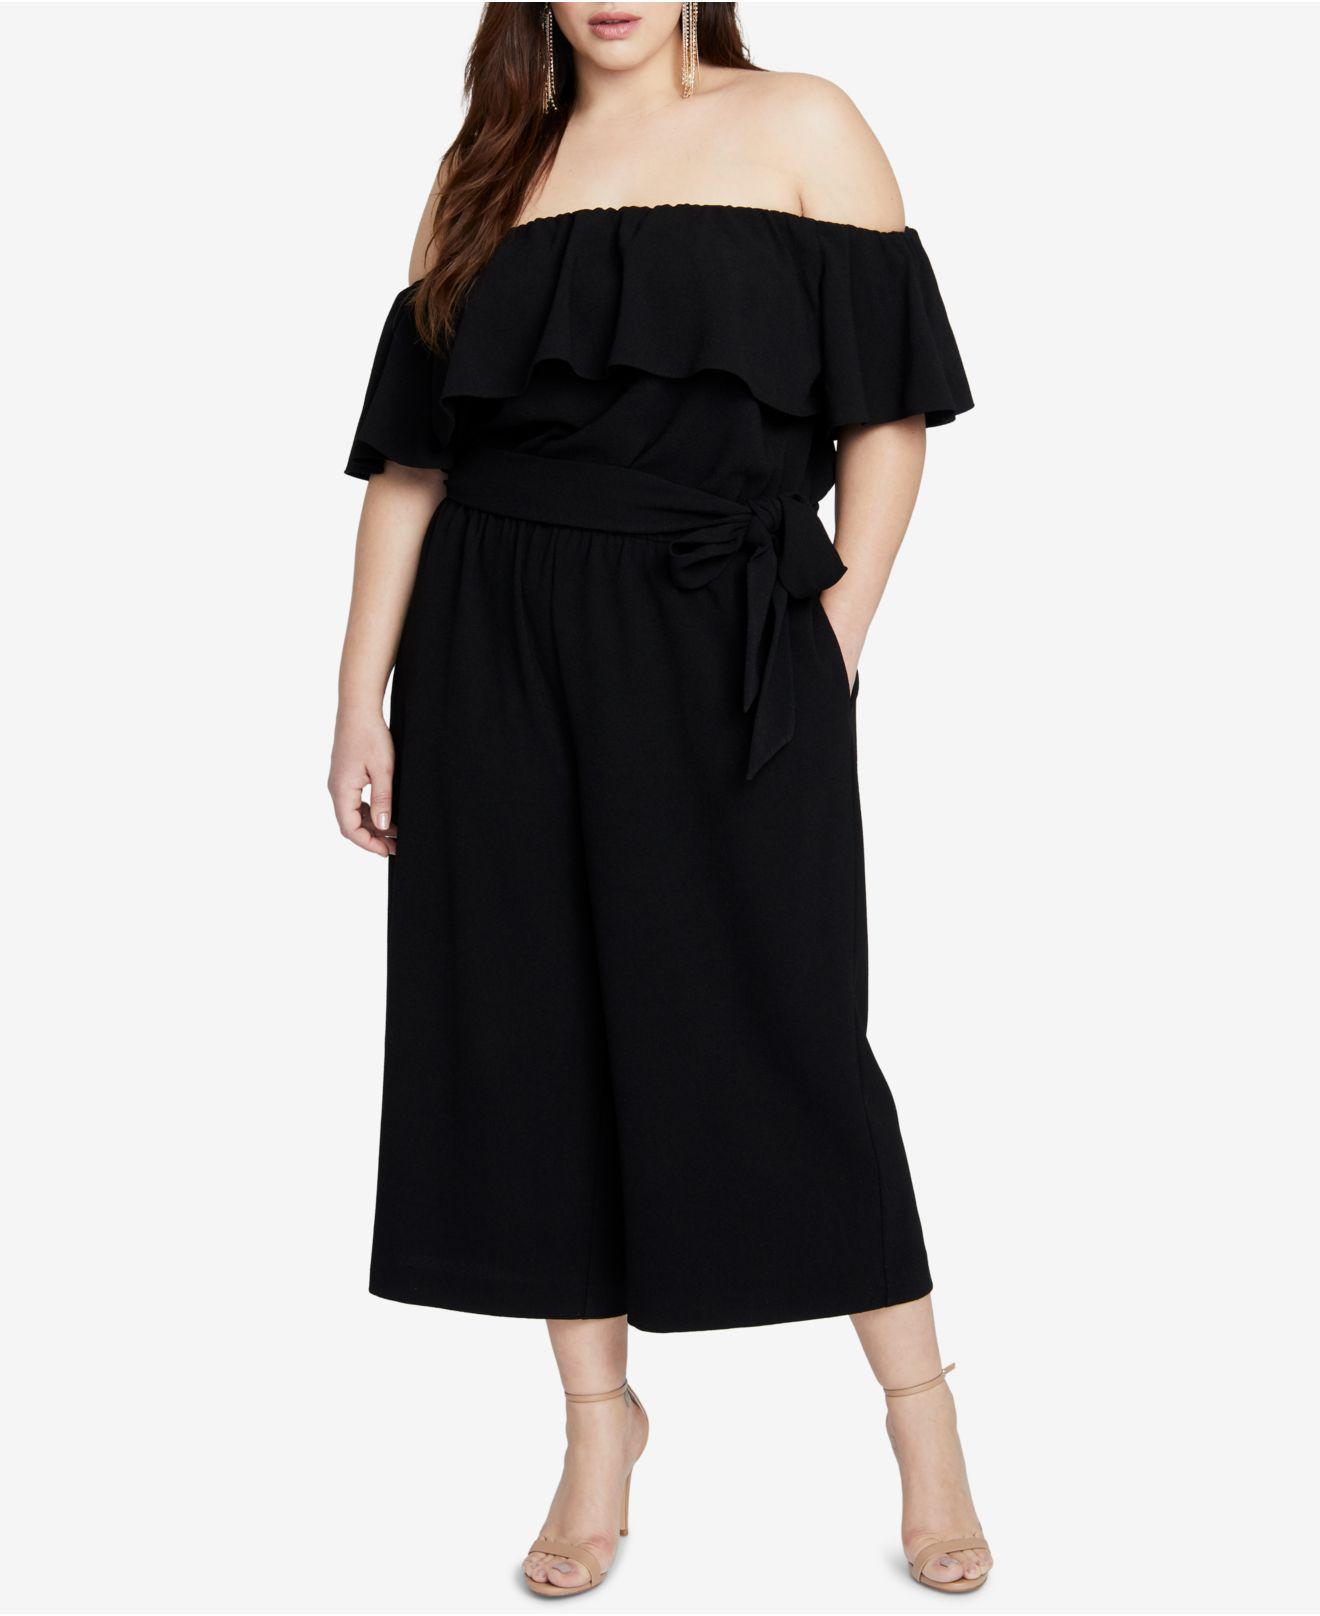 bf99a79d64e Lyst - RACHEL Rachel Roy Trendy Plus Size Off-the-shoulder Jumpsuit ...